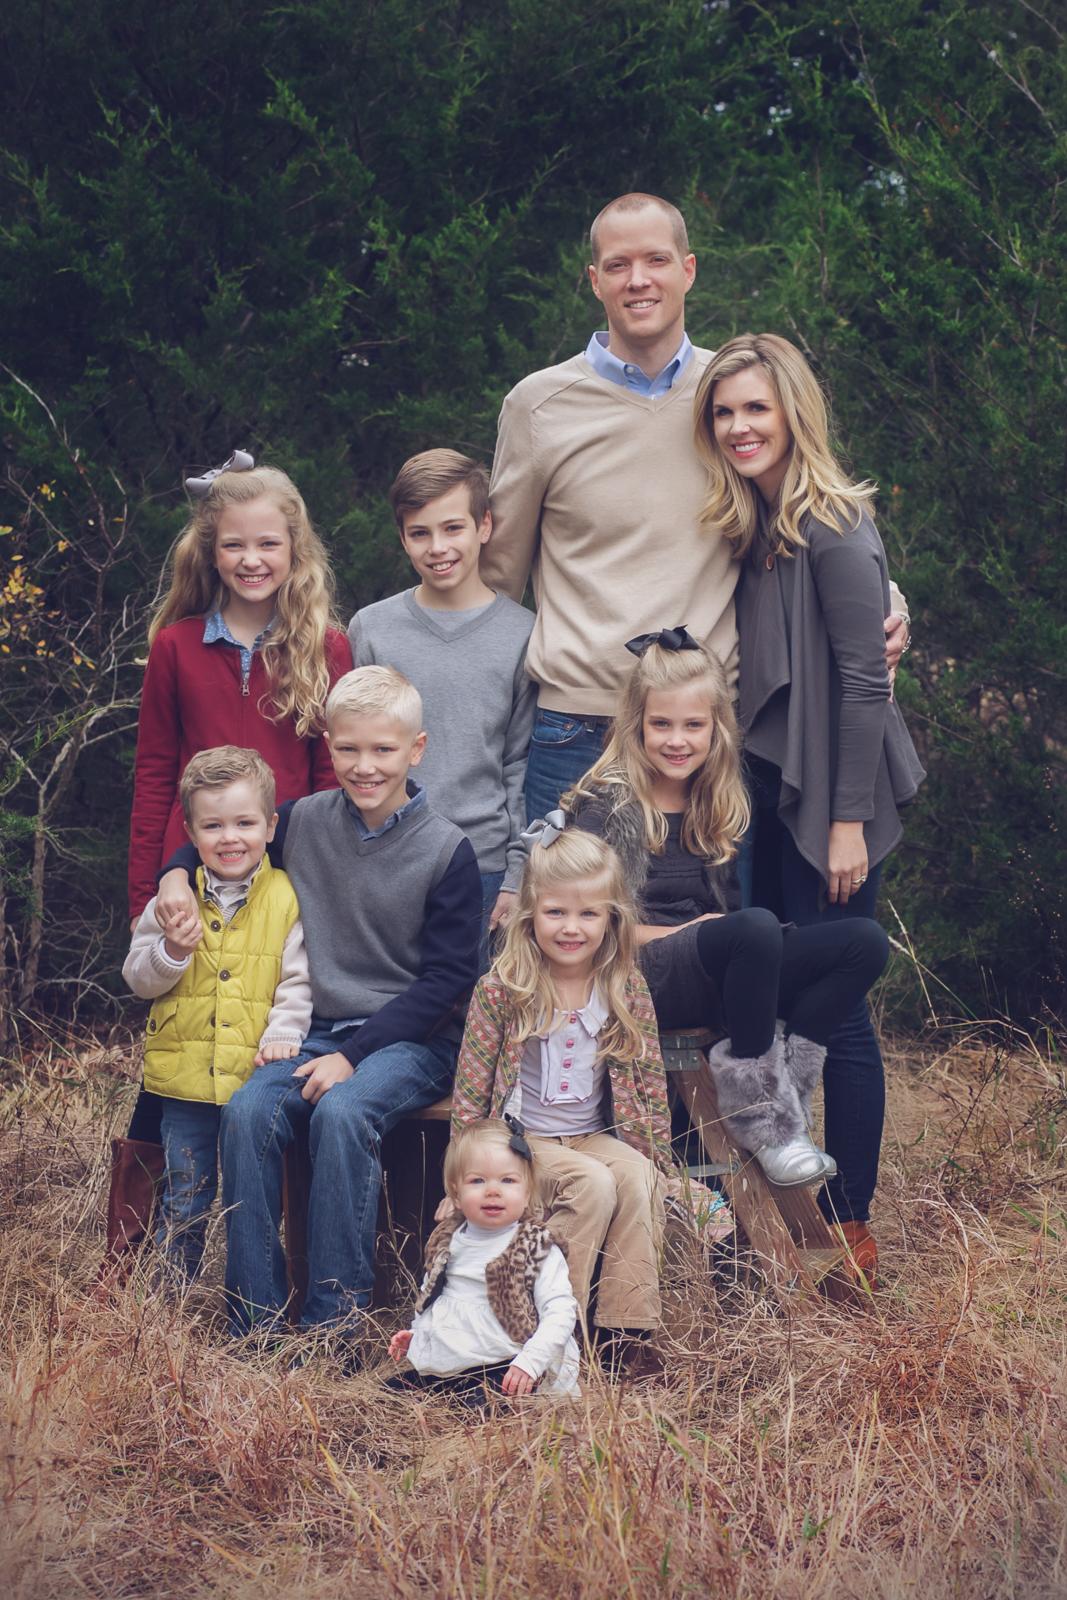 family-outdoors-light-portraits-137.JPG